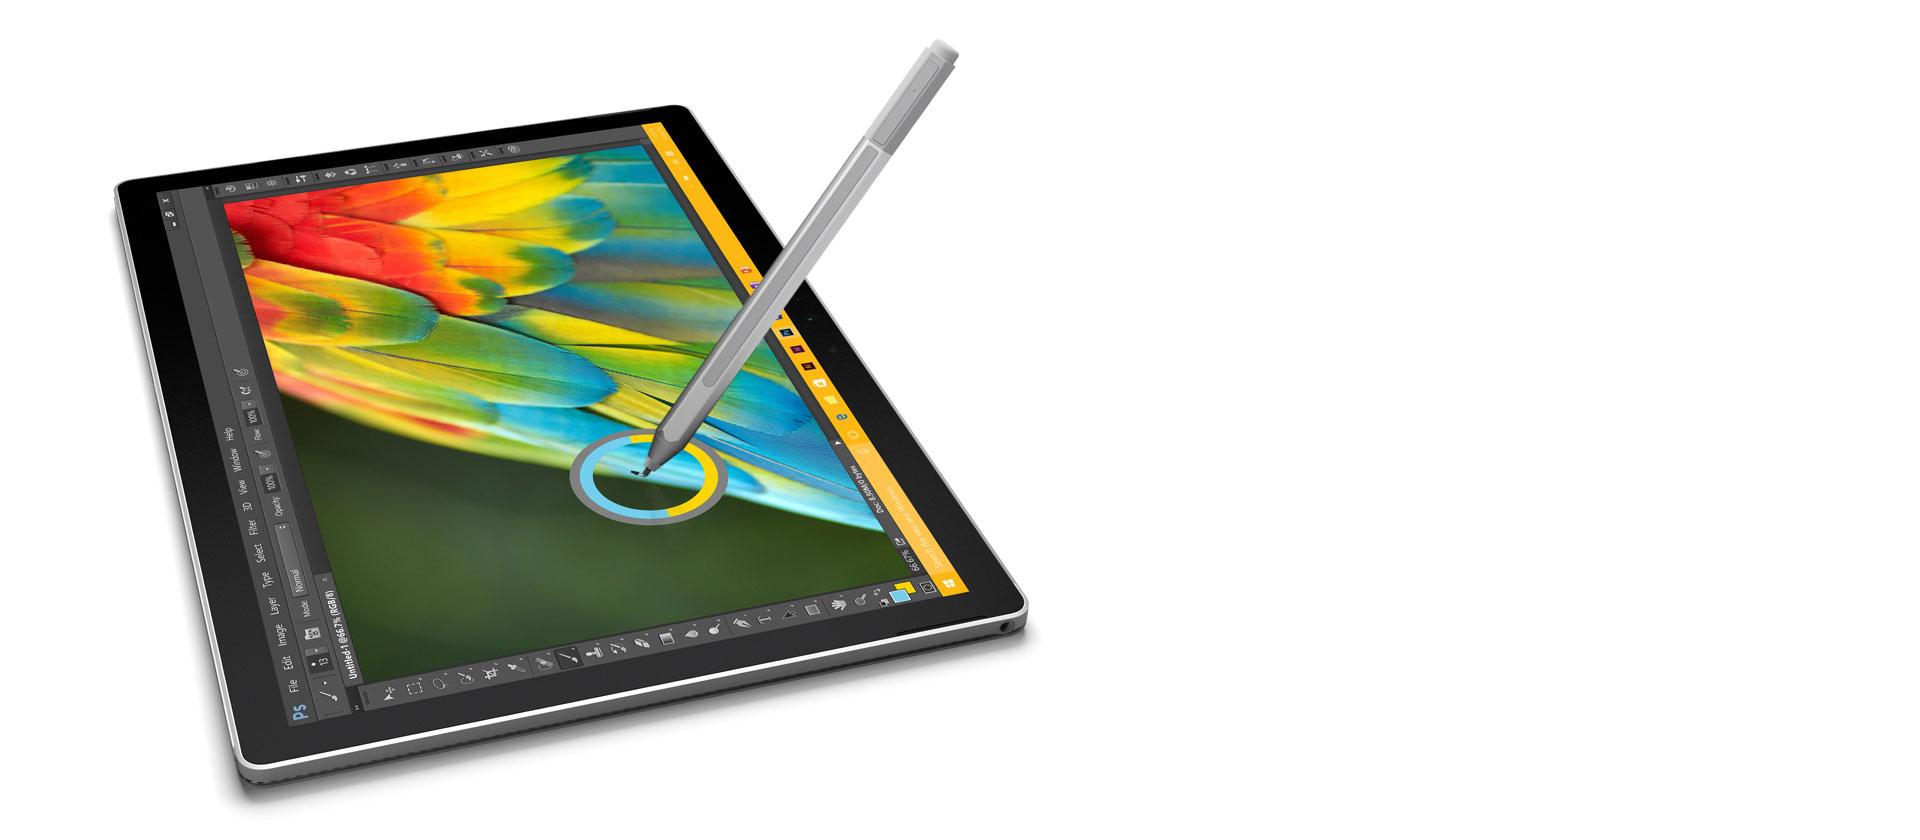 E' possibile utilizzare il Surface Book anche solo come tablet